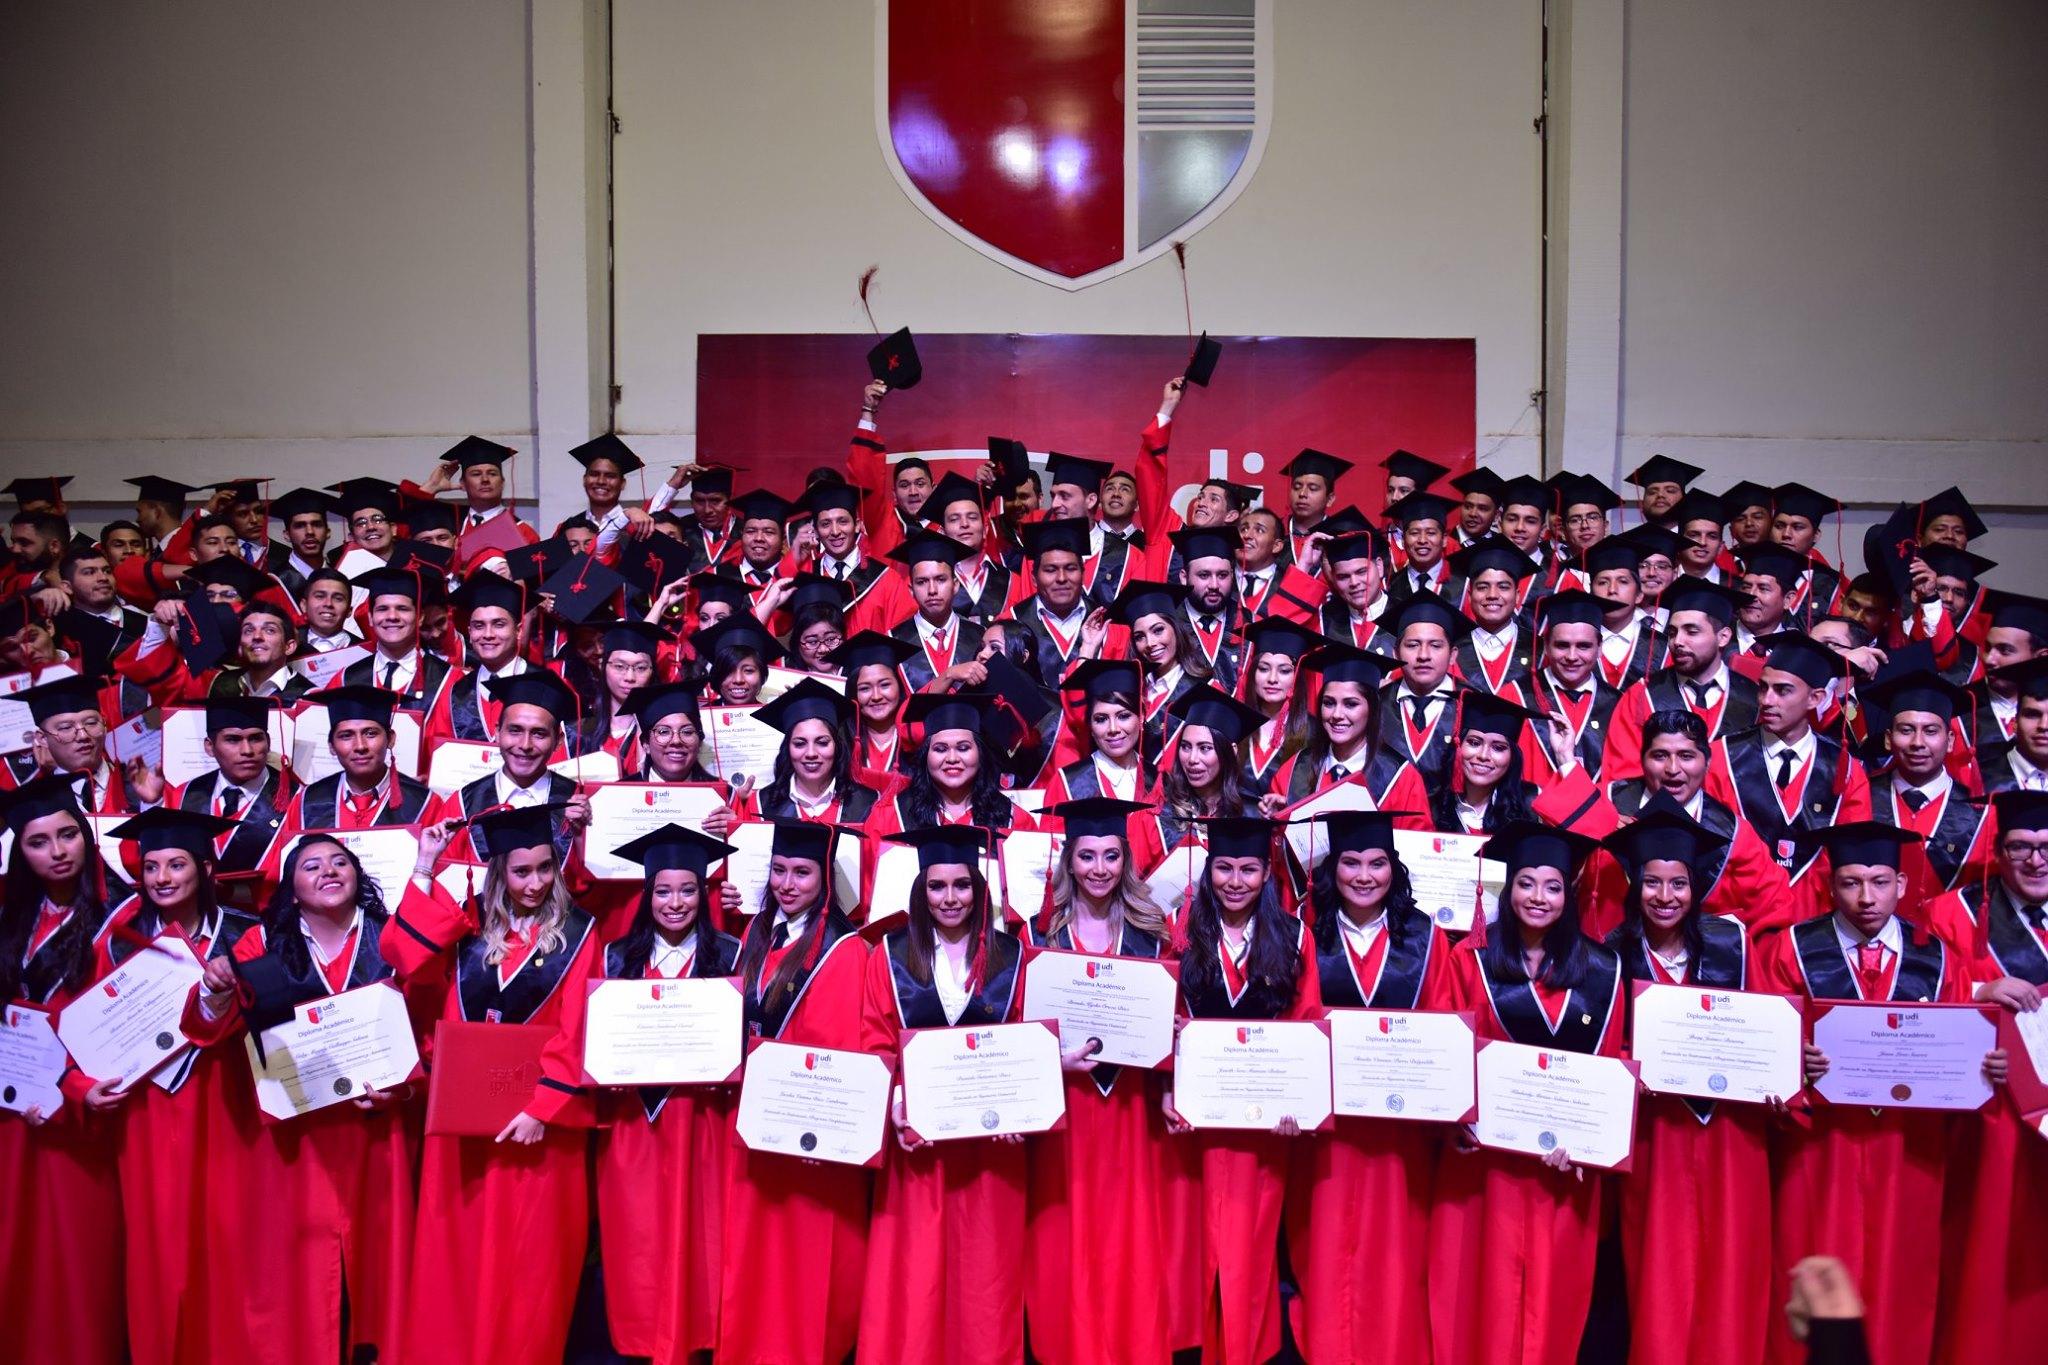 II Acto de graduación UDI